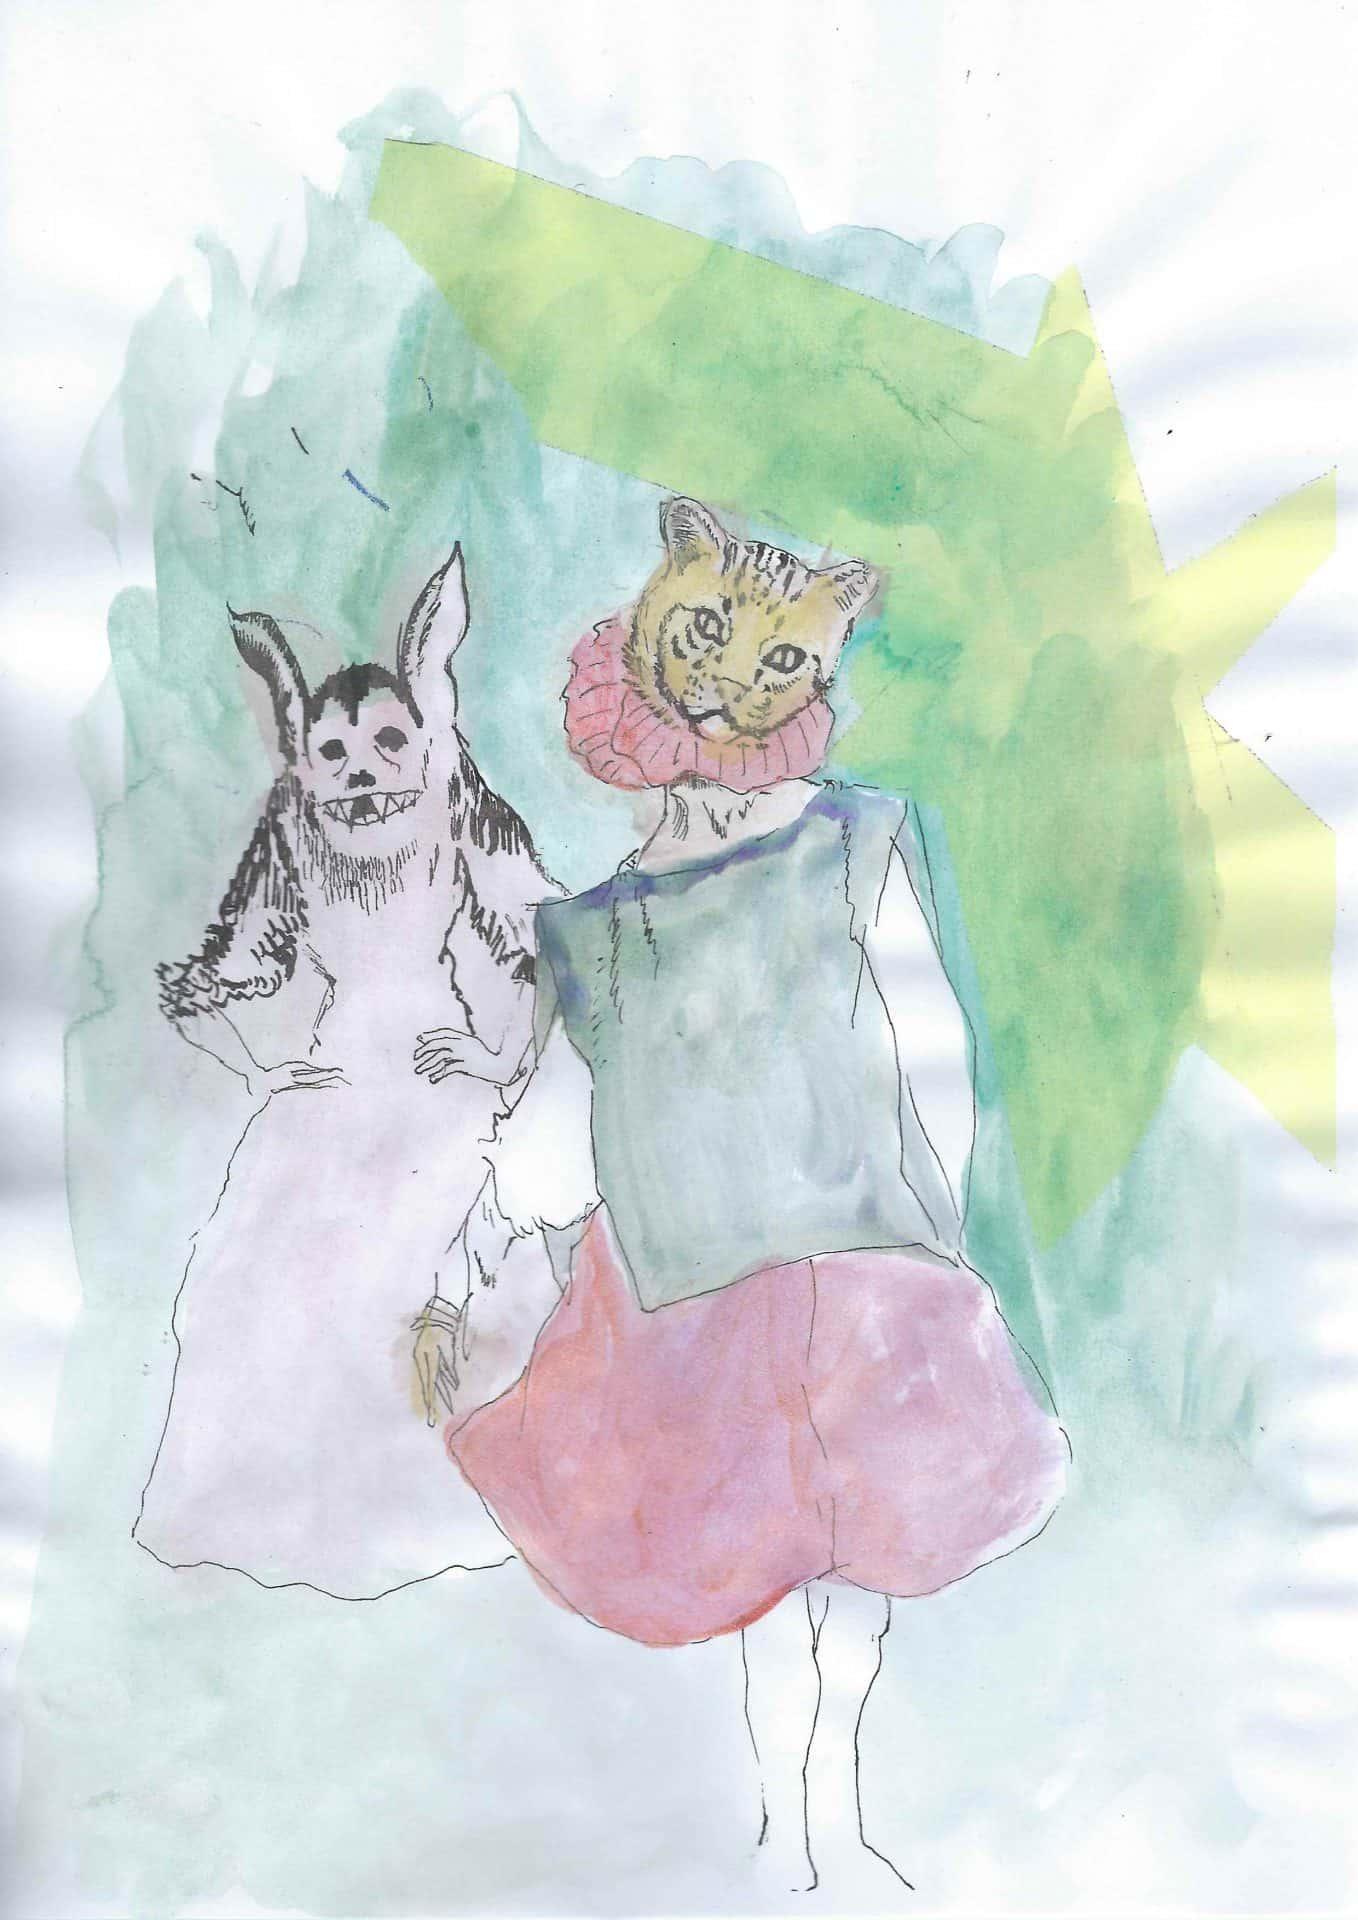 Illustration Mercredi - Peinture aquarelle